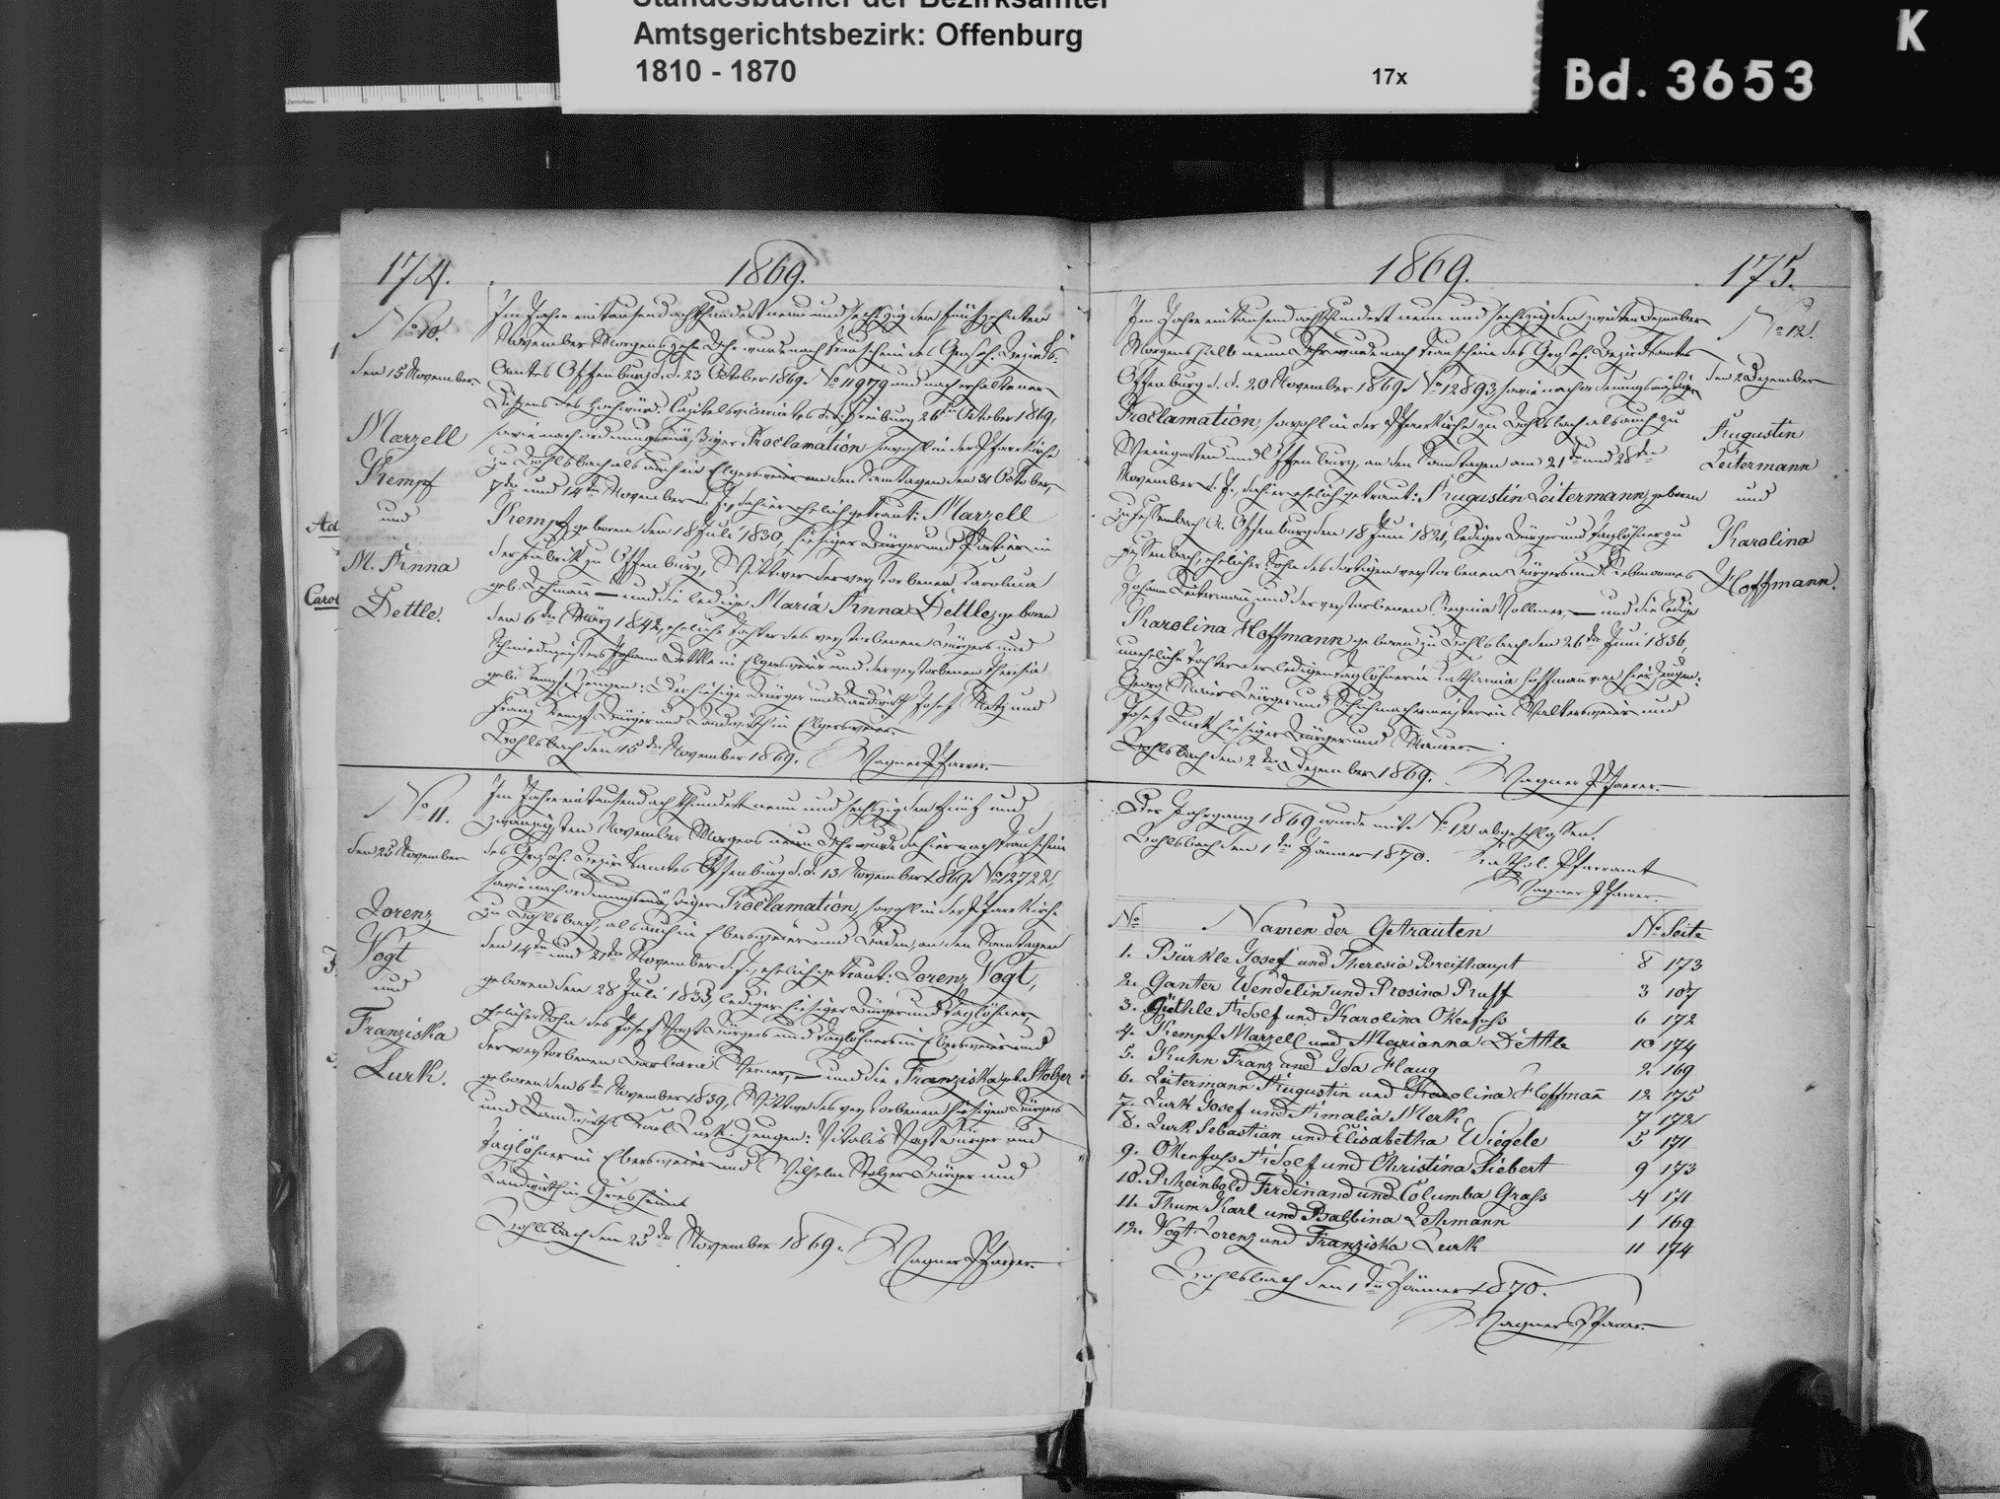 Bohlsbach, Offenburg OG; Katholische Gemeinde: Geburtenbuch 1831 Bohlsbach, Offenburg OG; Katholische Gemeinde: Heiratsbuch 1811-1870, Bild 2